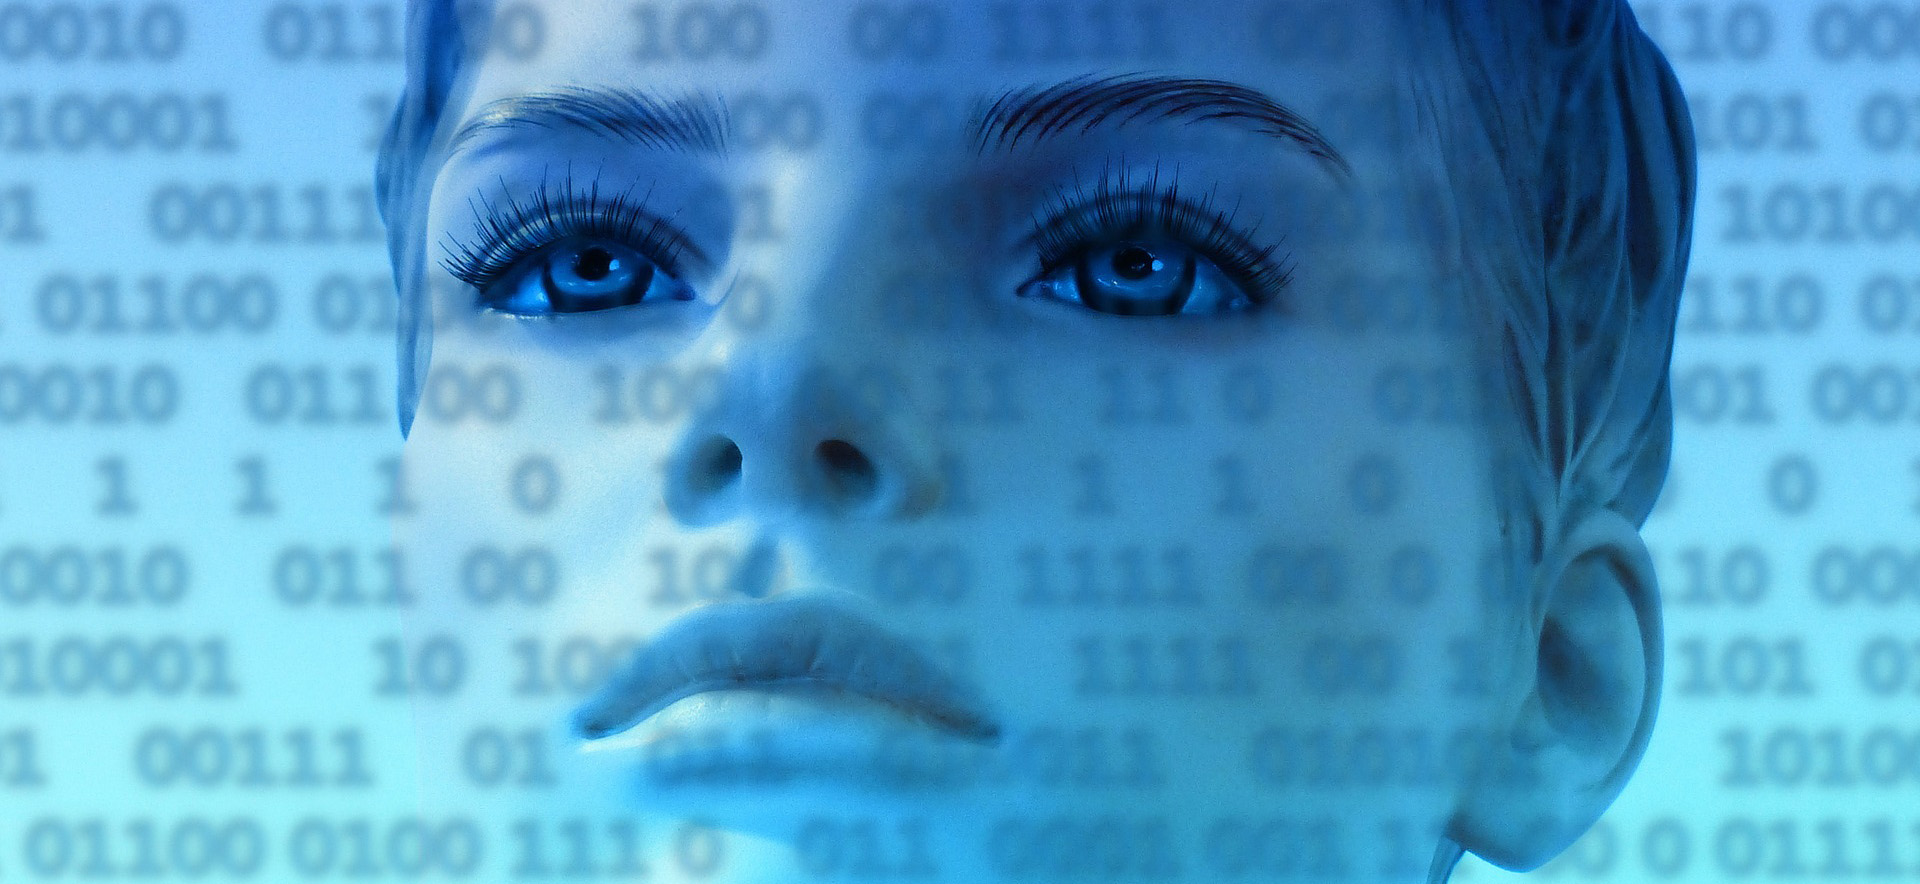 Identität In Sozialen Netzwerken